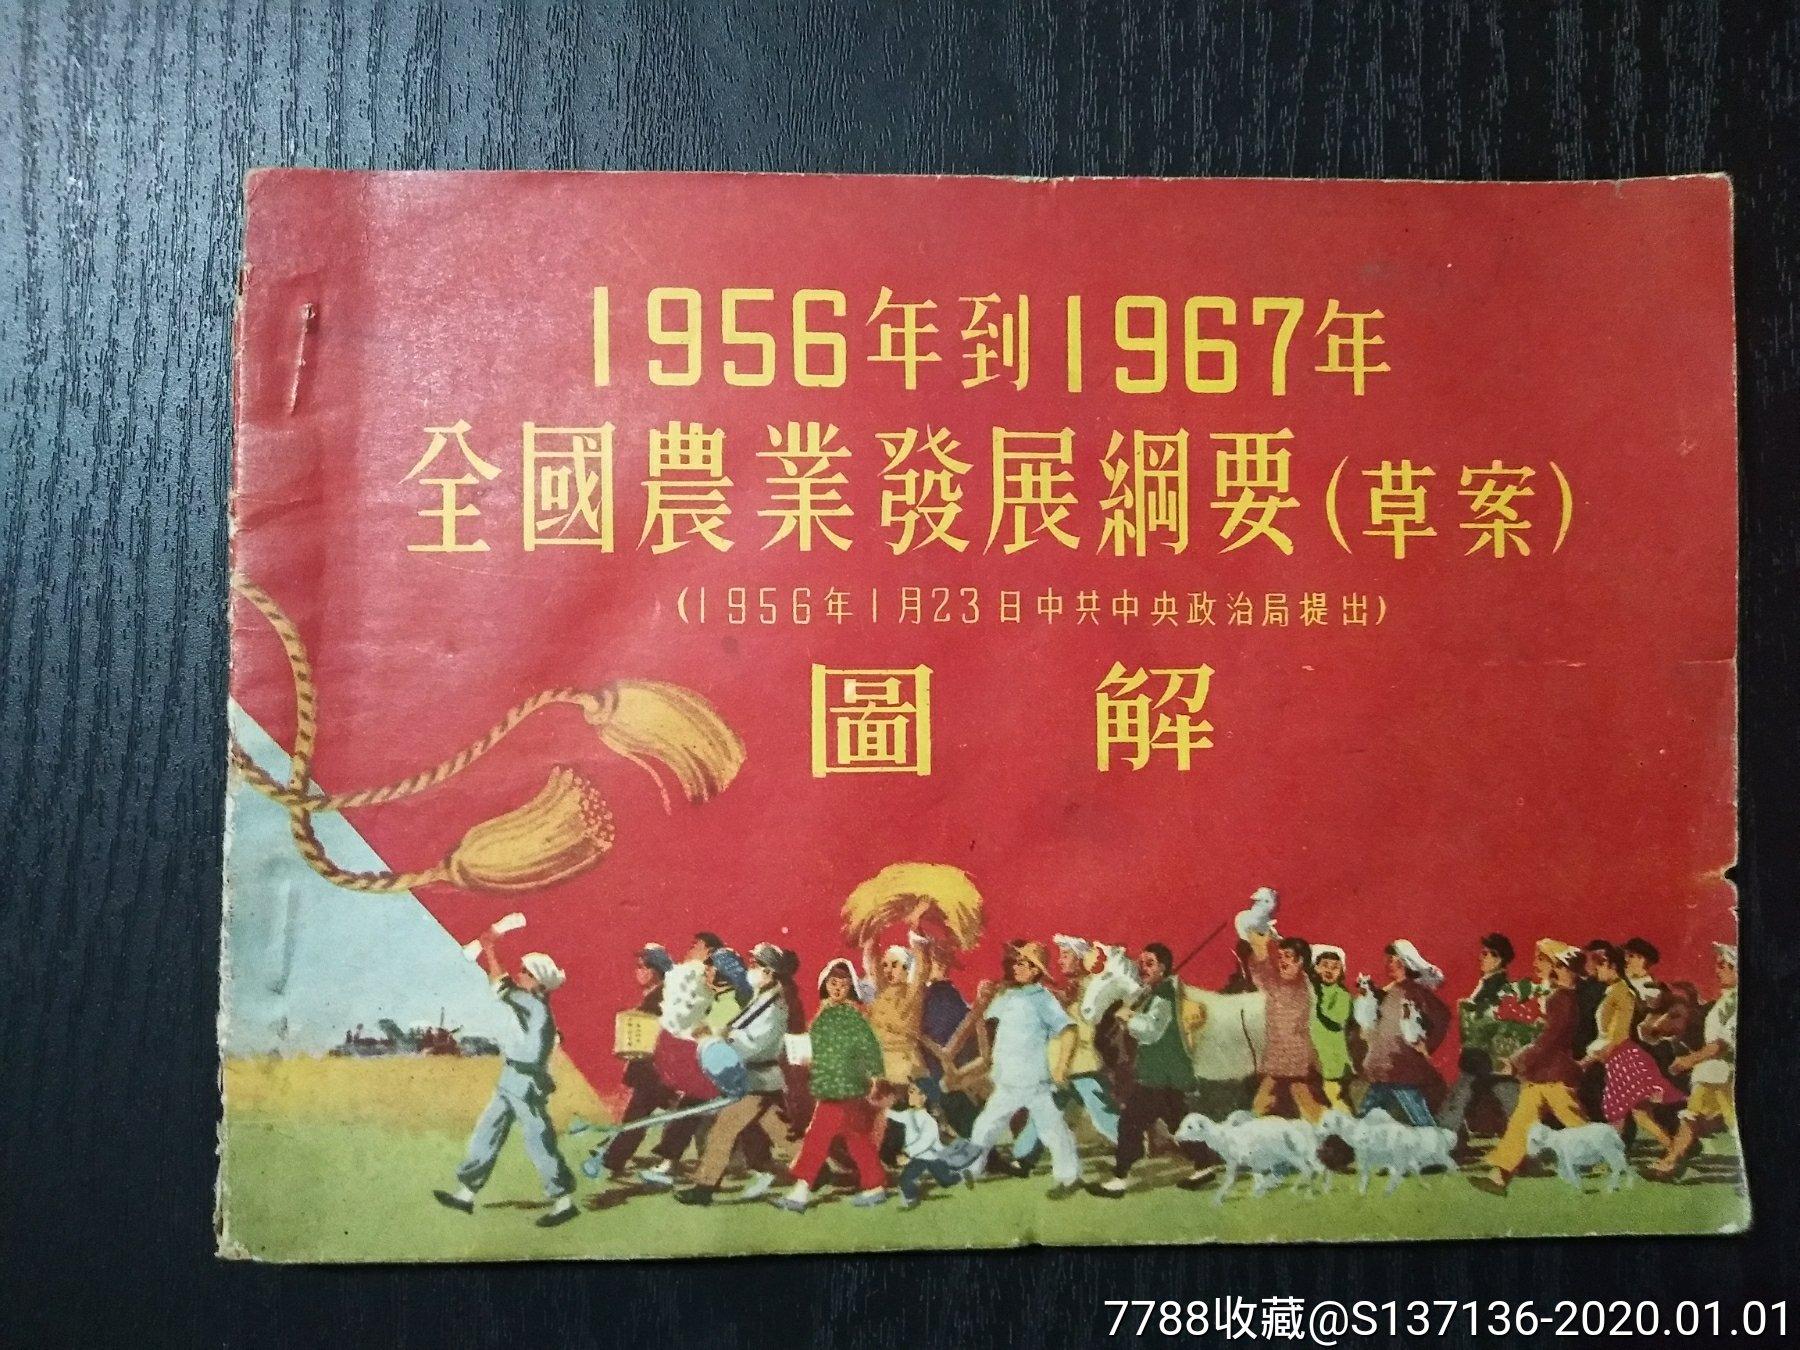 老版一印《1956-1967年全���r�I�l展�V要草案�D解》(au22050802)_